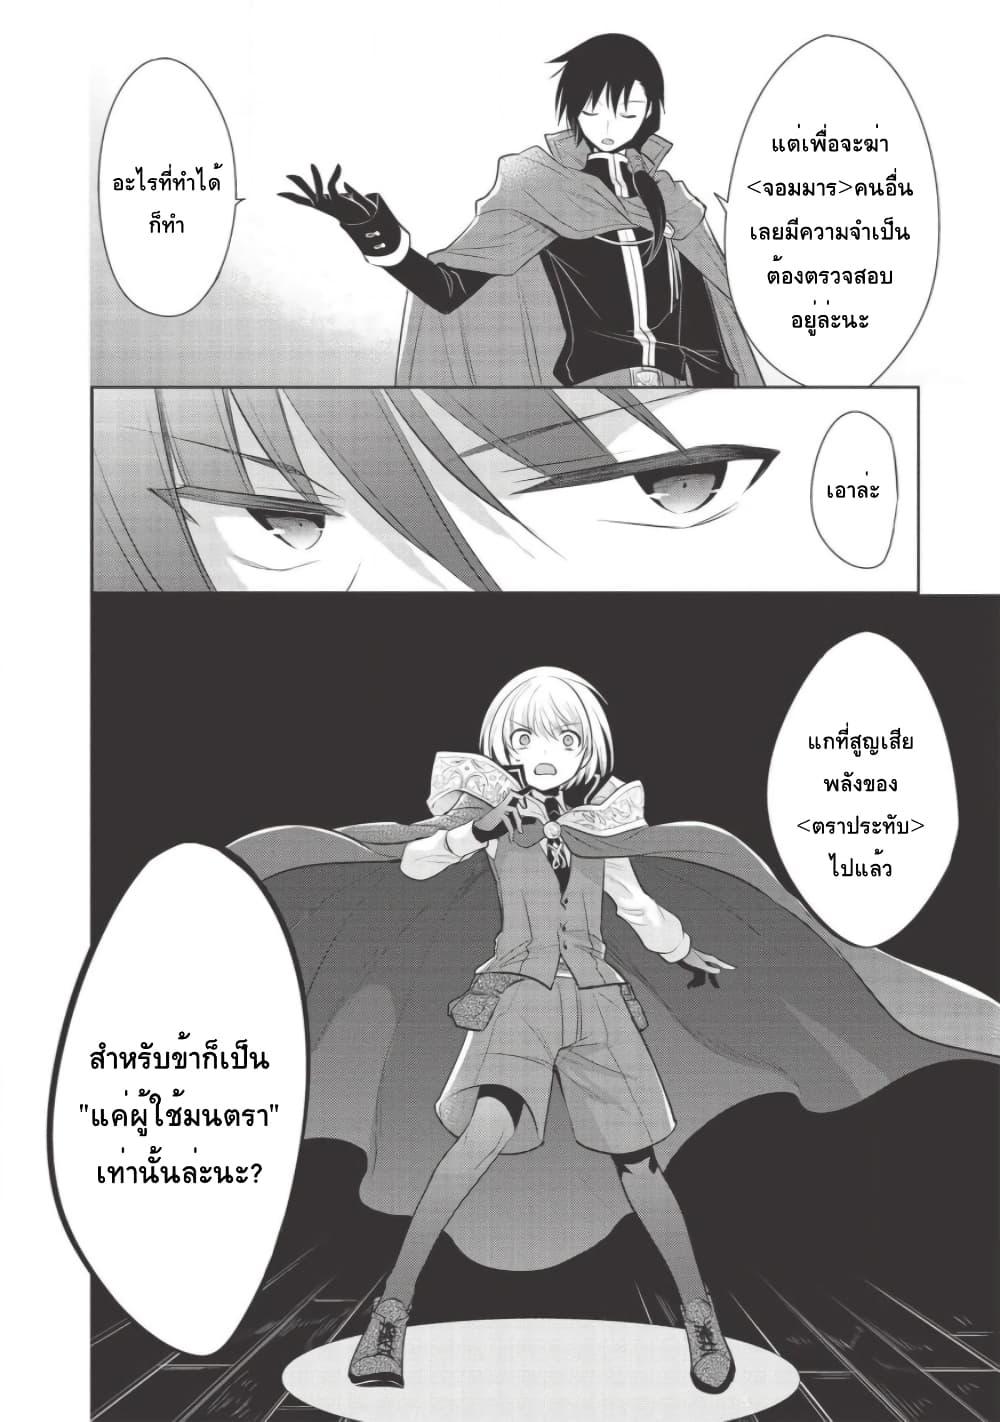 อ่านการ์ตูน Maou no Ore ga Dorei Elf wo Yome ni Shitanda ga Dou Medereba Ii ตอนที่ 30 หน้าที่ 16